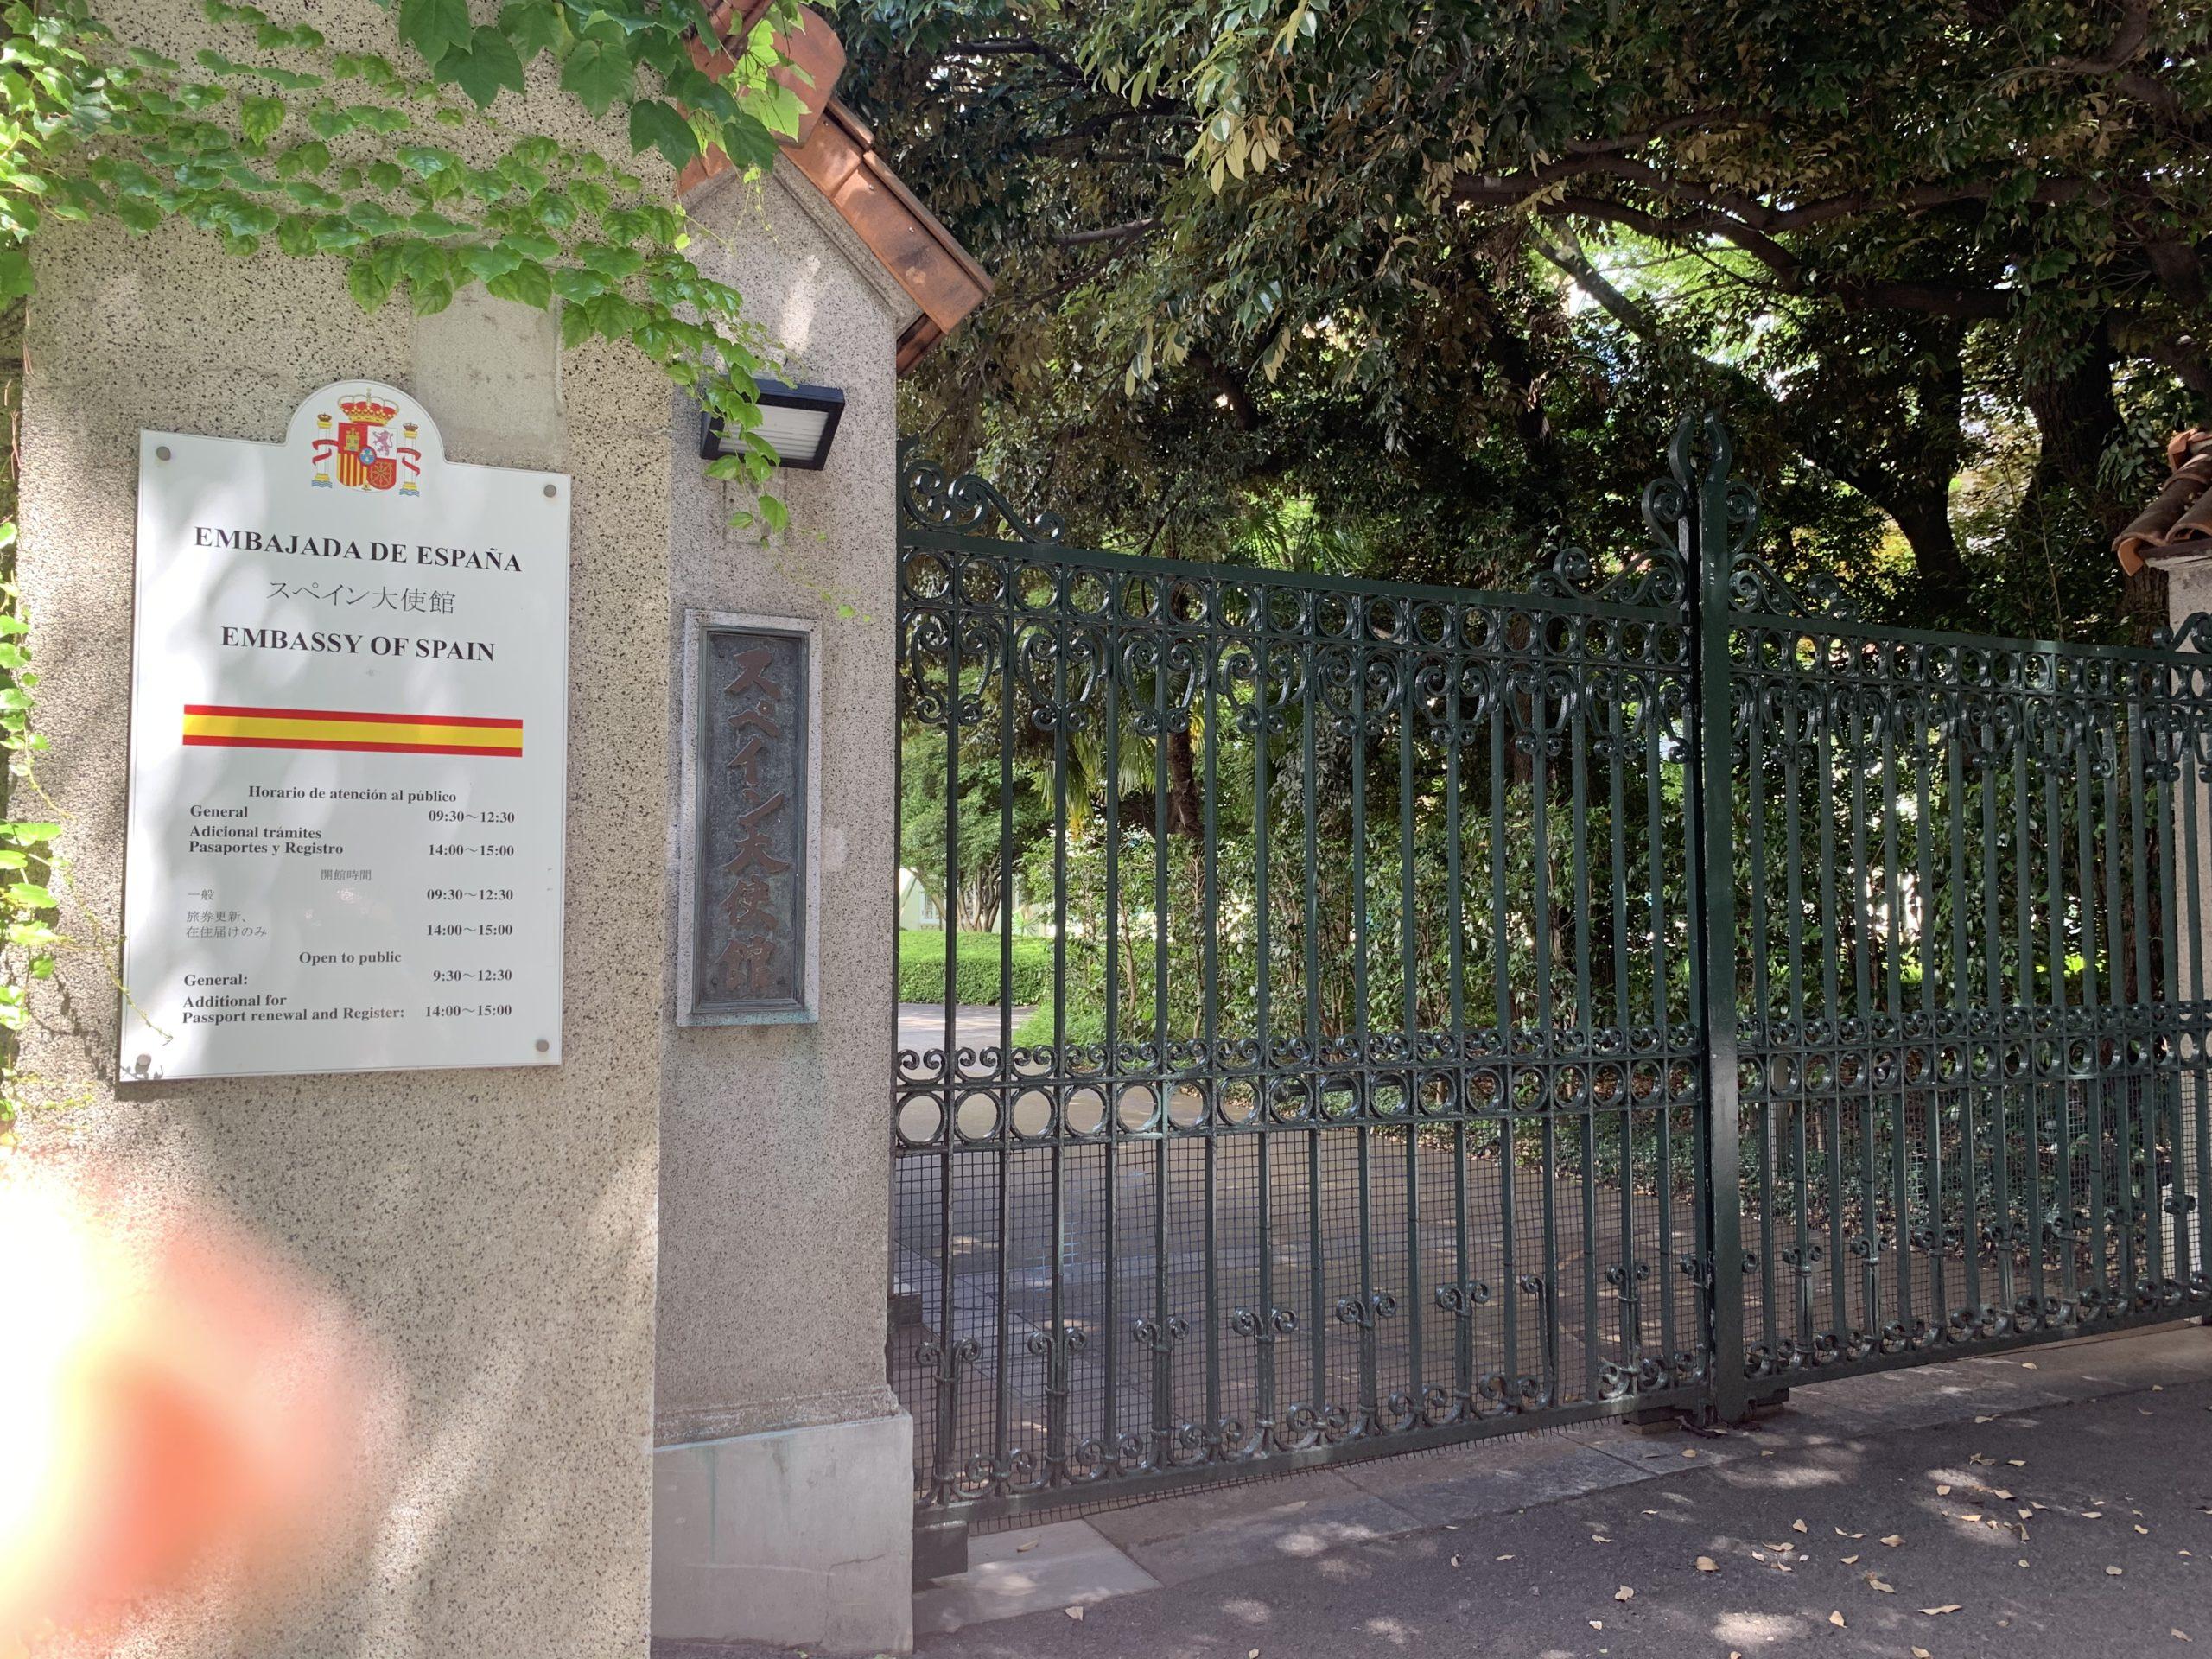 スペイン大使館にVisa申請